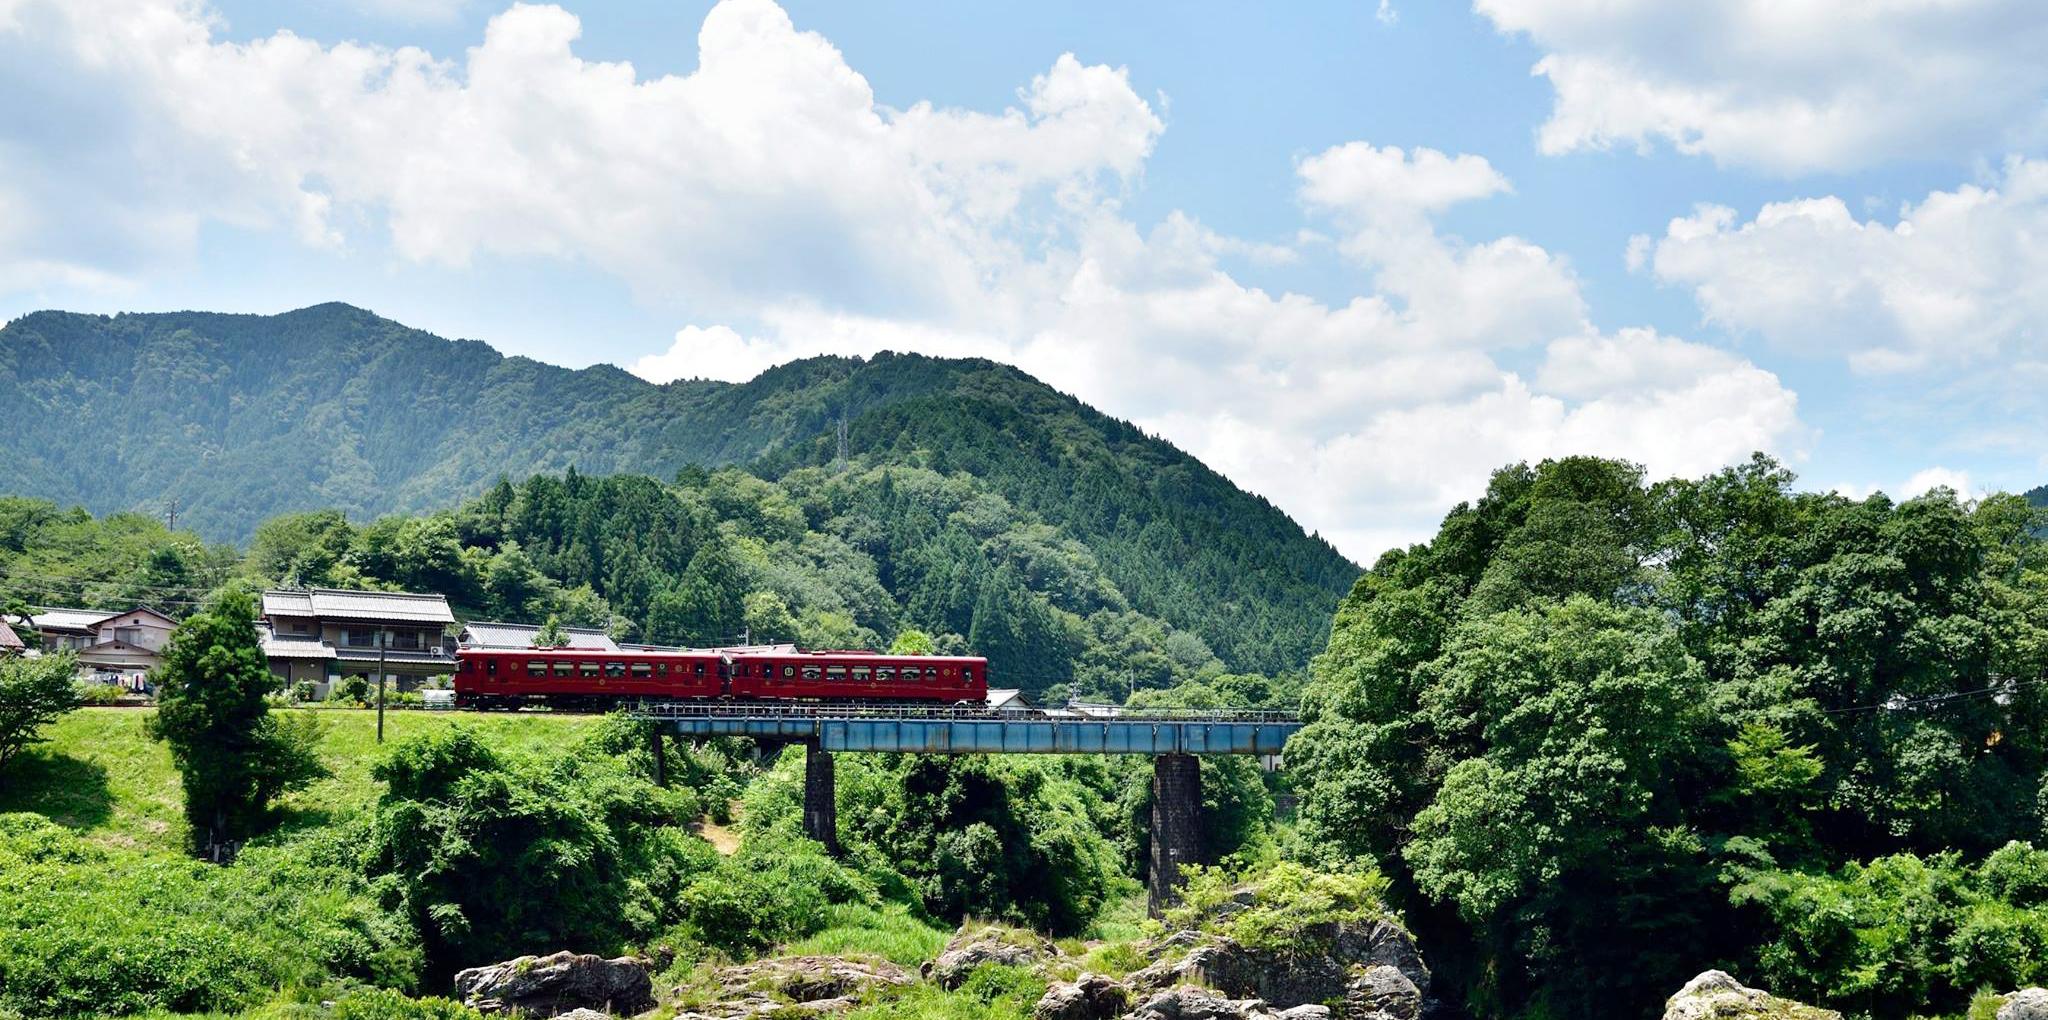 ワンマン列車長良川鉄道